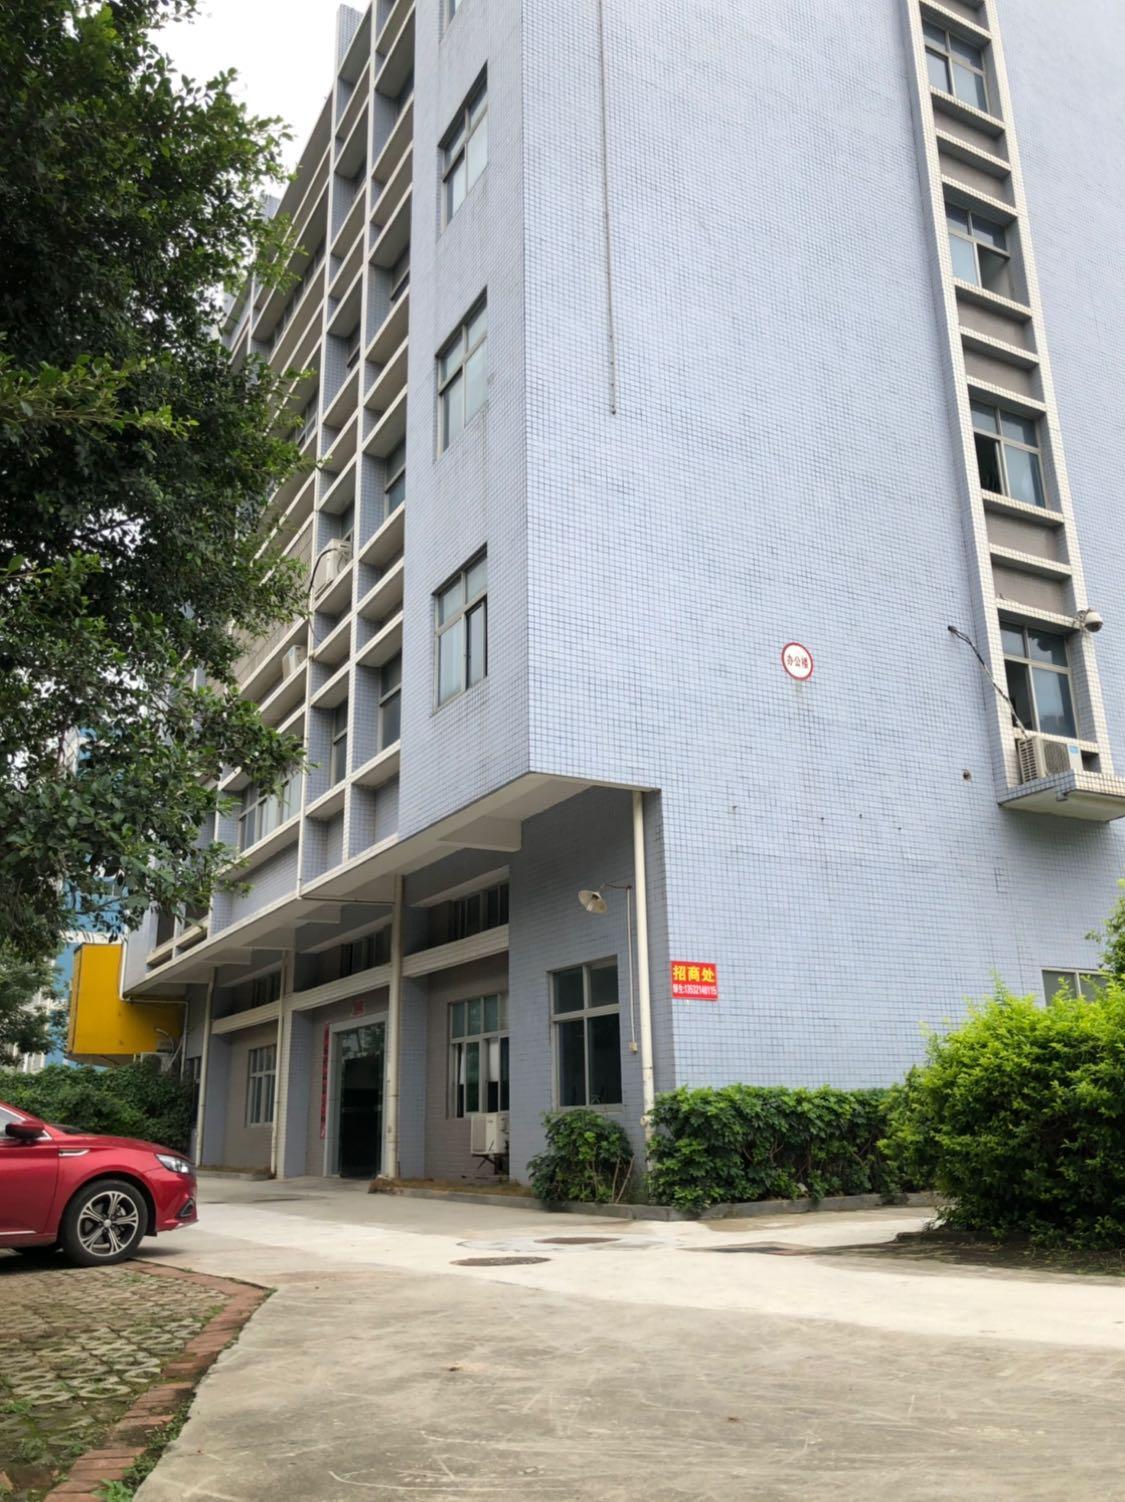 出售南京200亩土地正规红本工业用地产权清晰